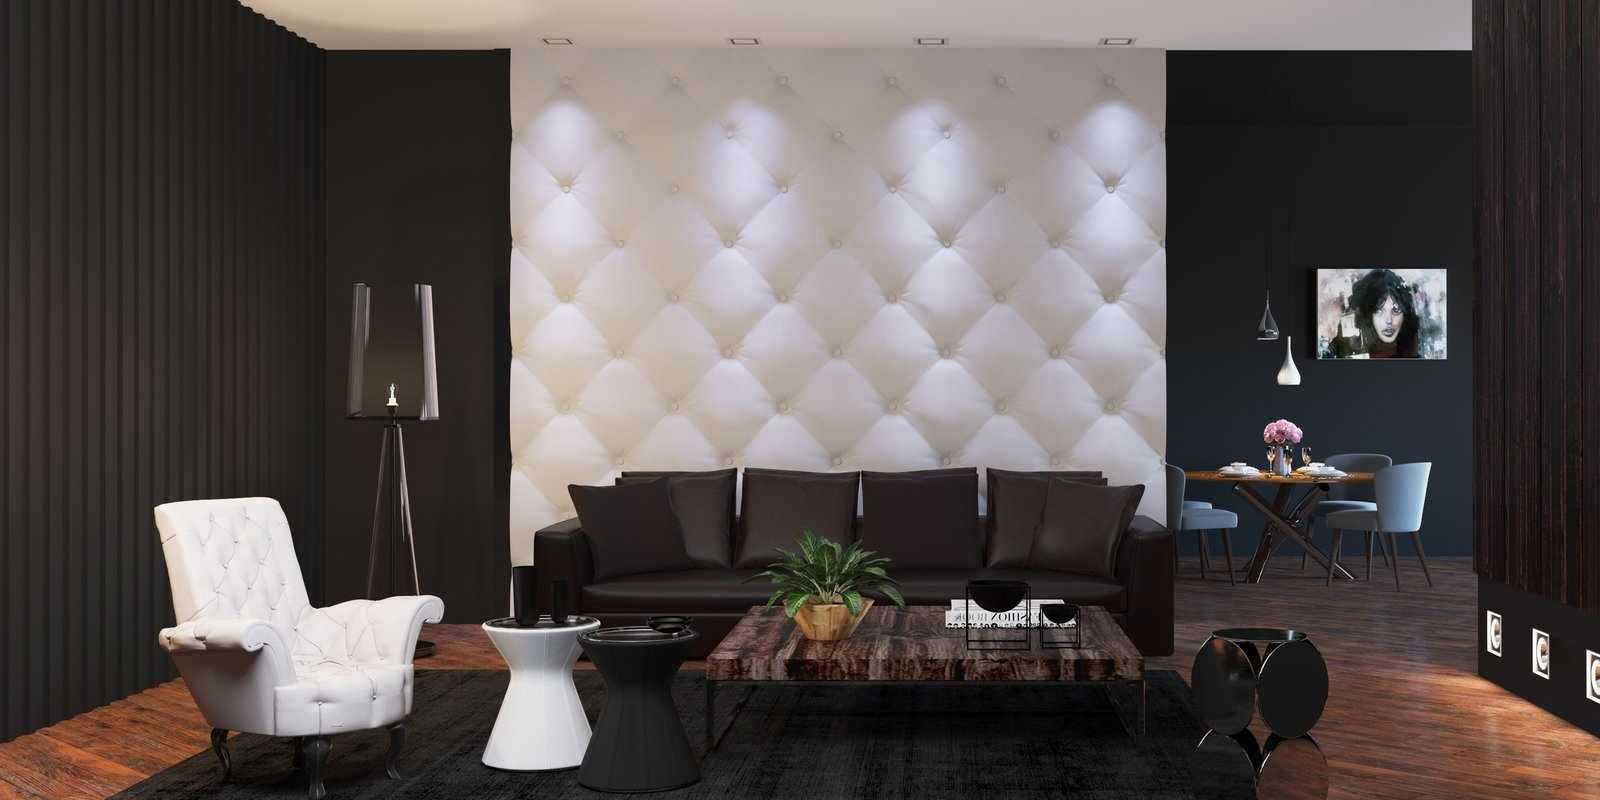 Встроенные светильники в стене